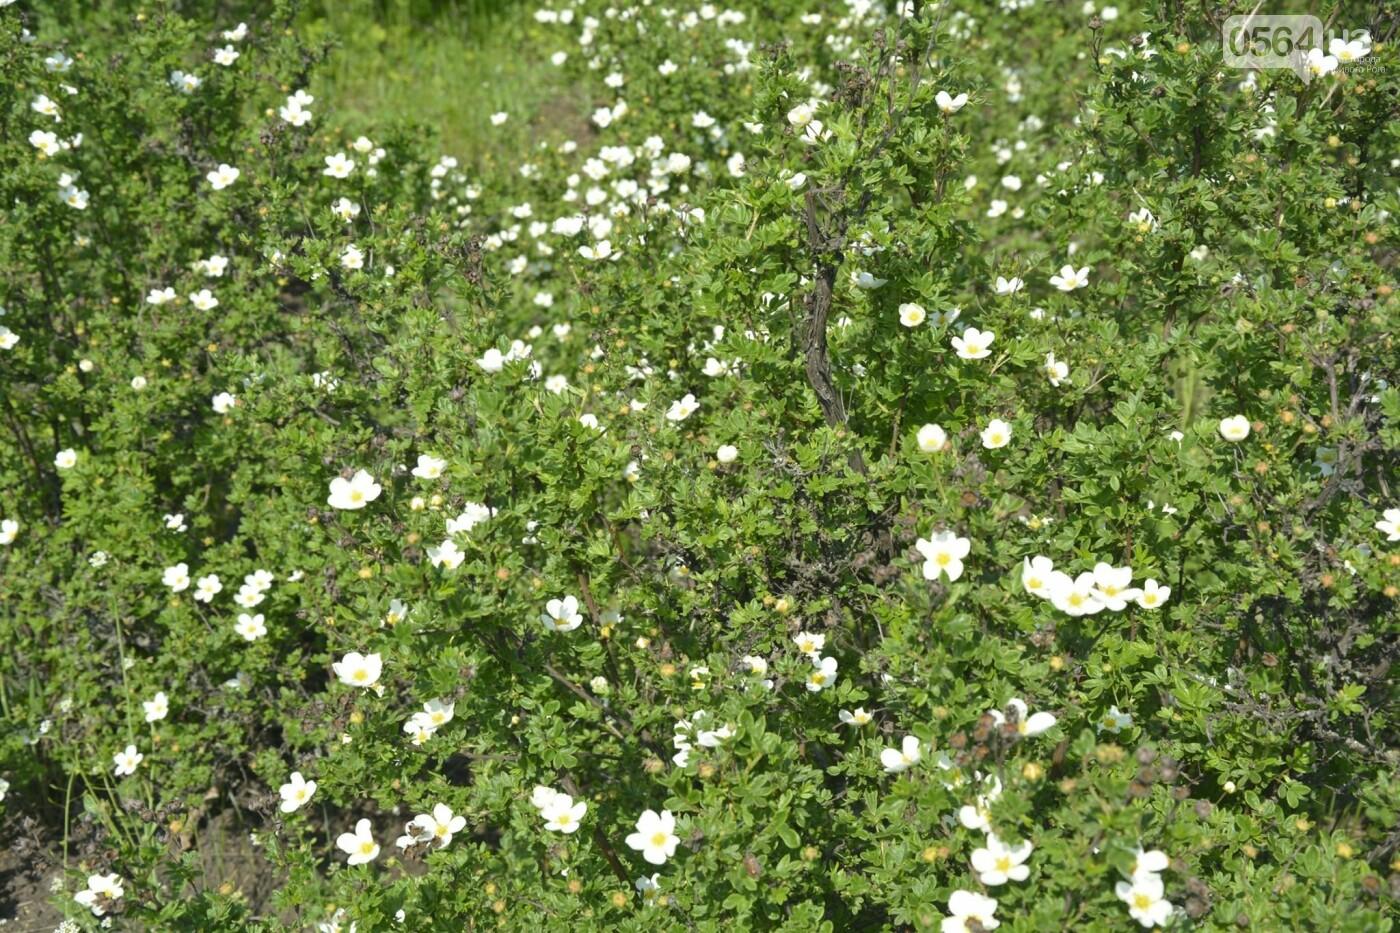 """Коллекция сирени, тюльпан """"Черный кофе"""", барбарис, - как выглядит Криворожский ботанический сад сегодня, - ФОТО, фото-16"""